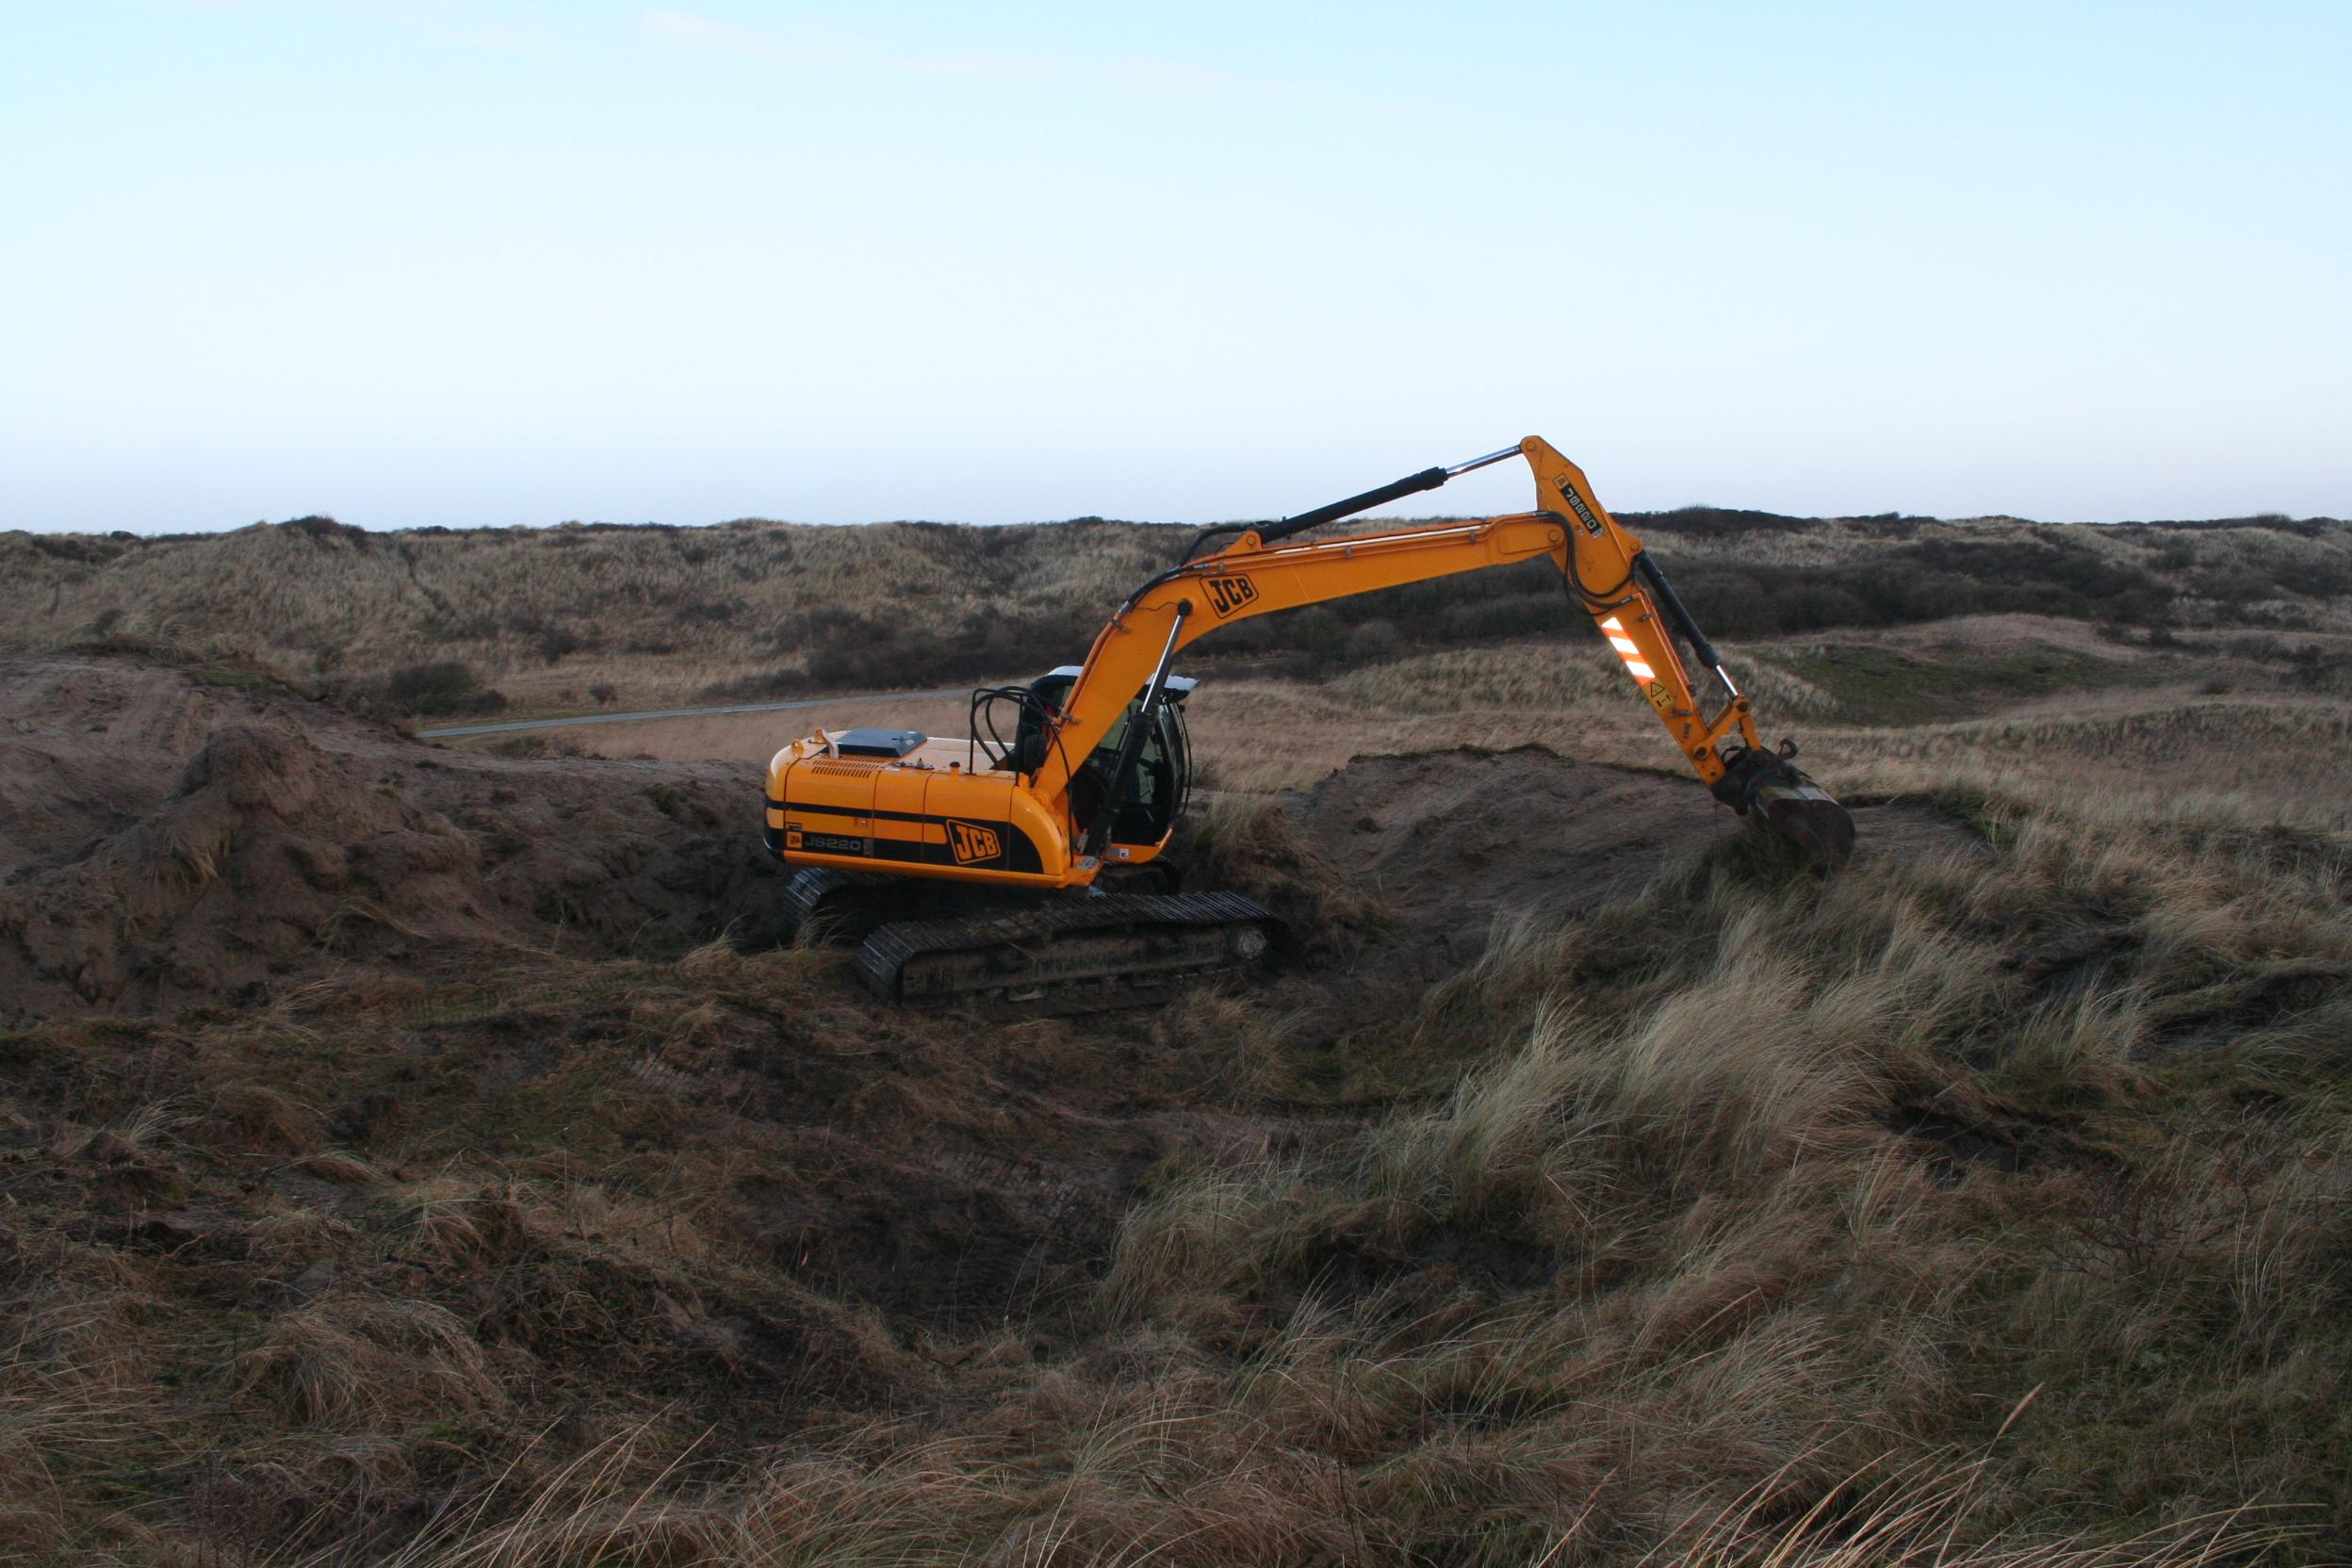 De grassige duinen worden machinaal afgeplagd. Afgelopen februari  zag het er zo uit bij bij Zwanewaterduinen.